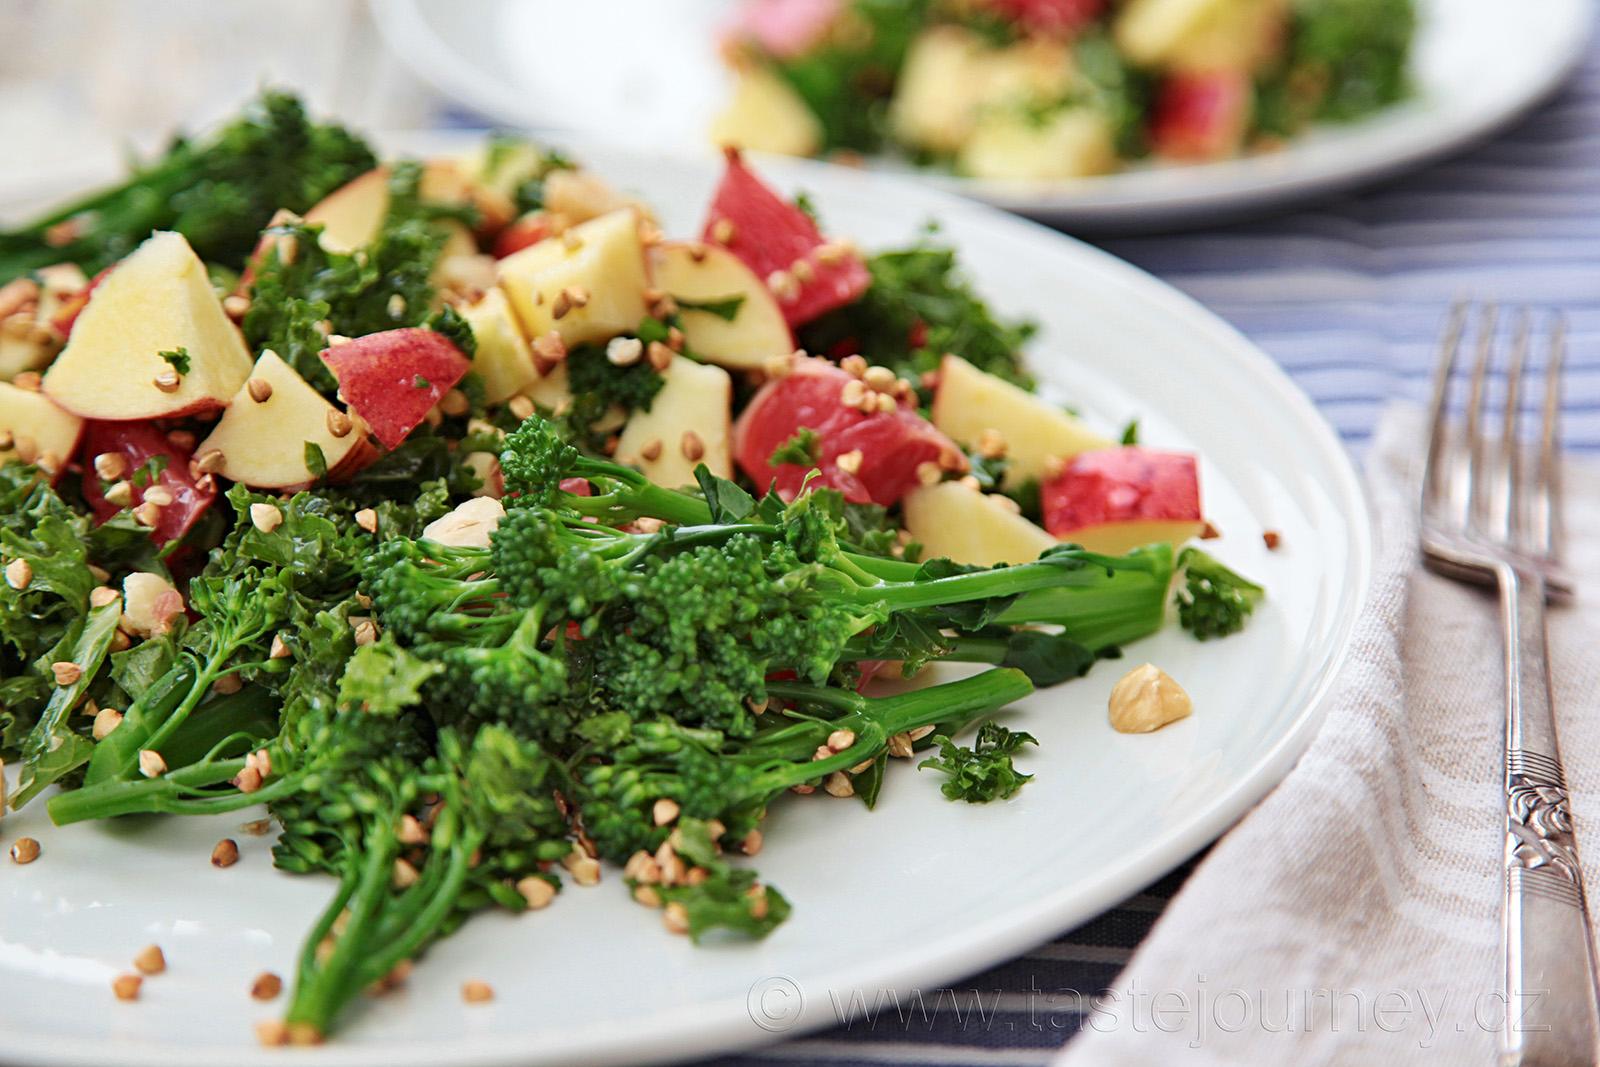 Brokolici zvolte stonkovou, má jemnou chuť